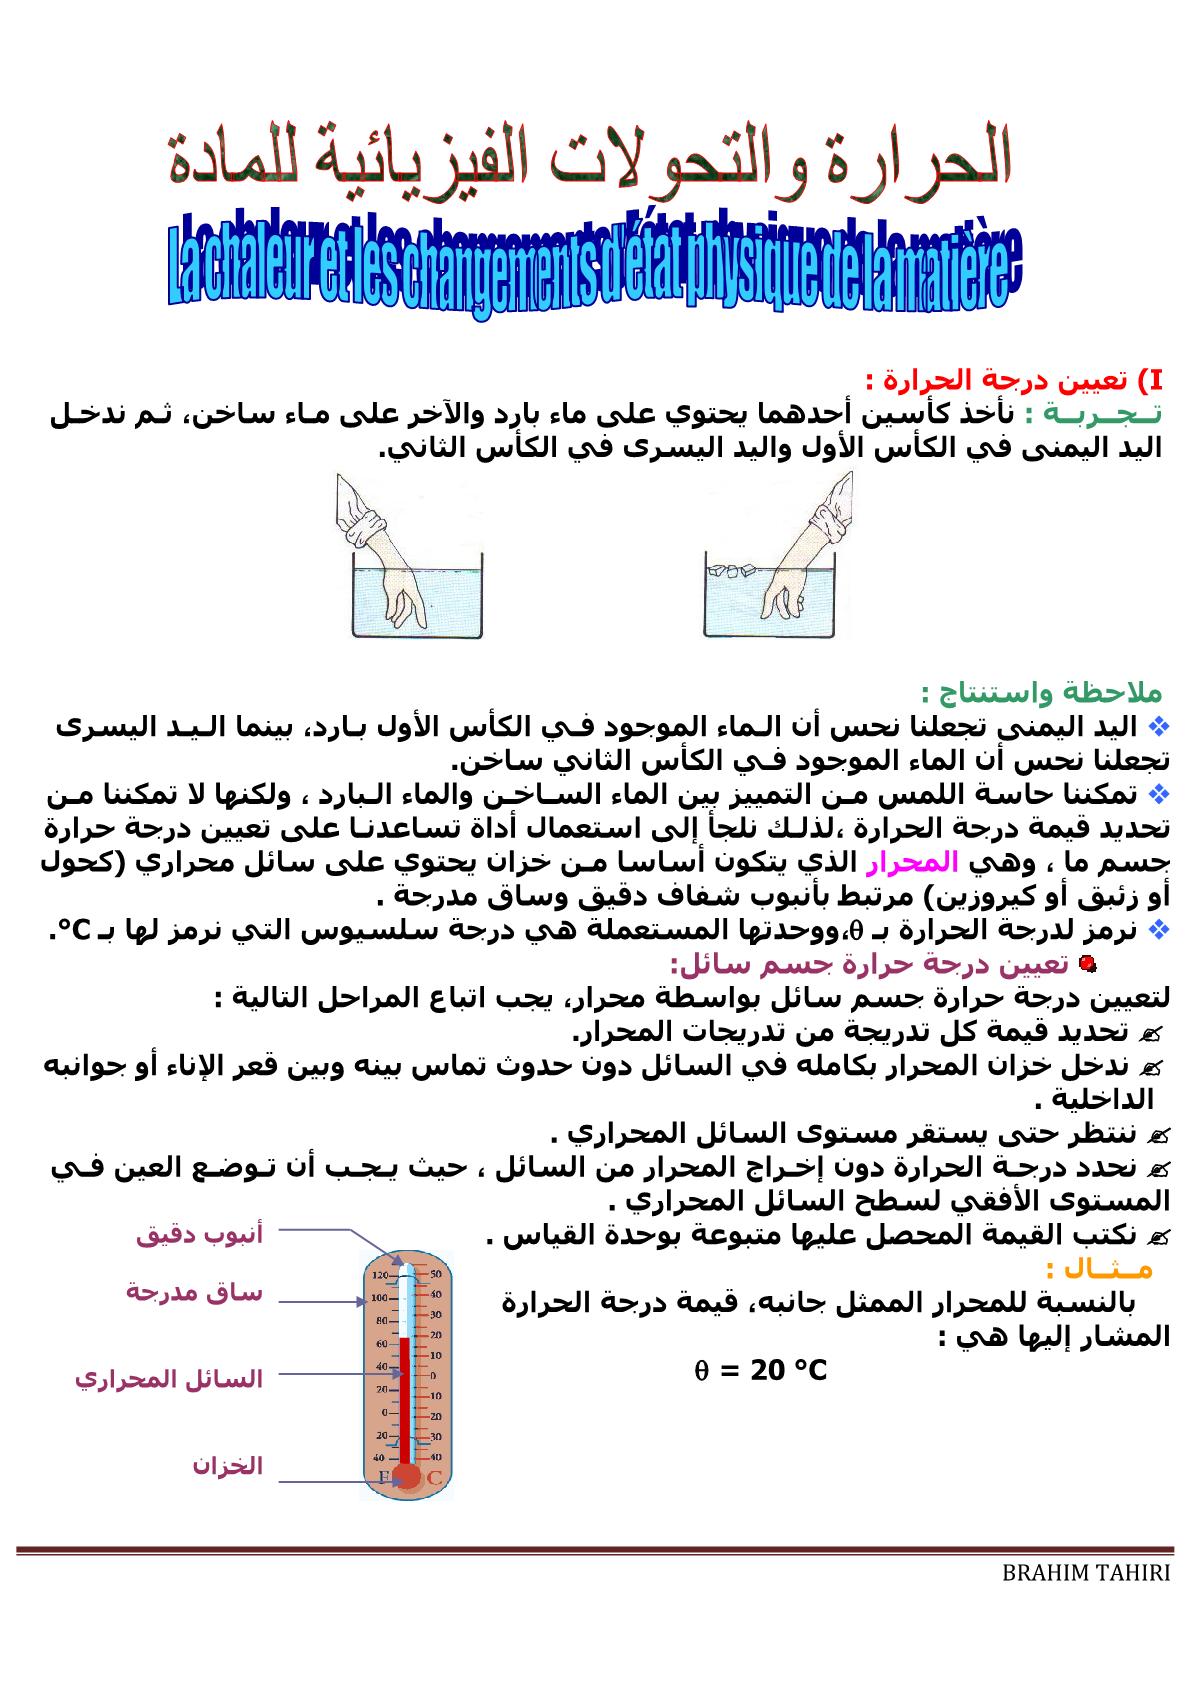 درس الحرارة وتغيرات الحالة الفيزيائية للمادة للمستوى الأولى إعدادي